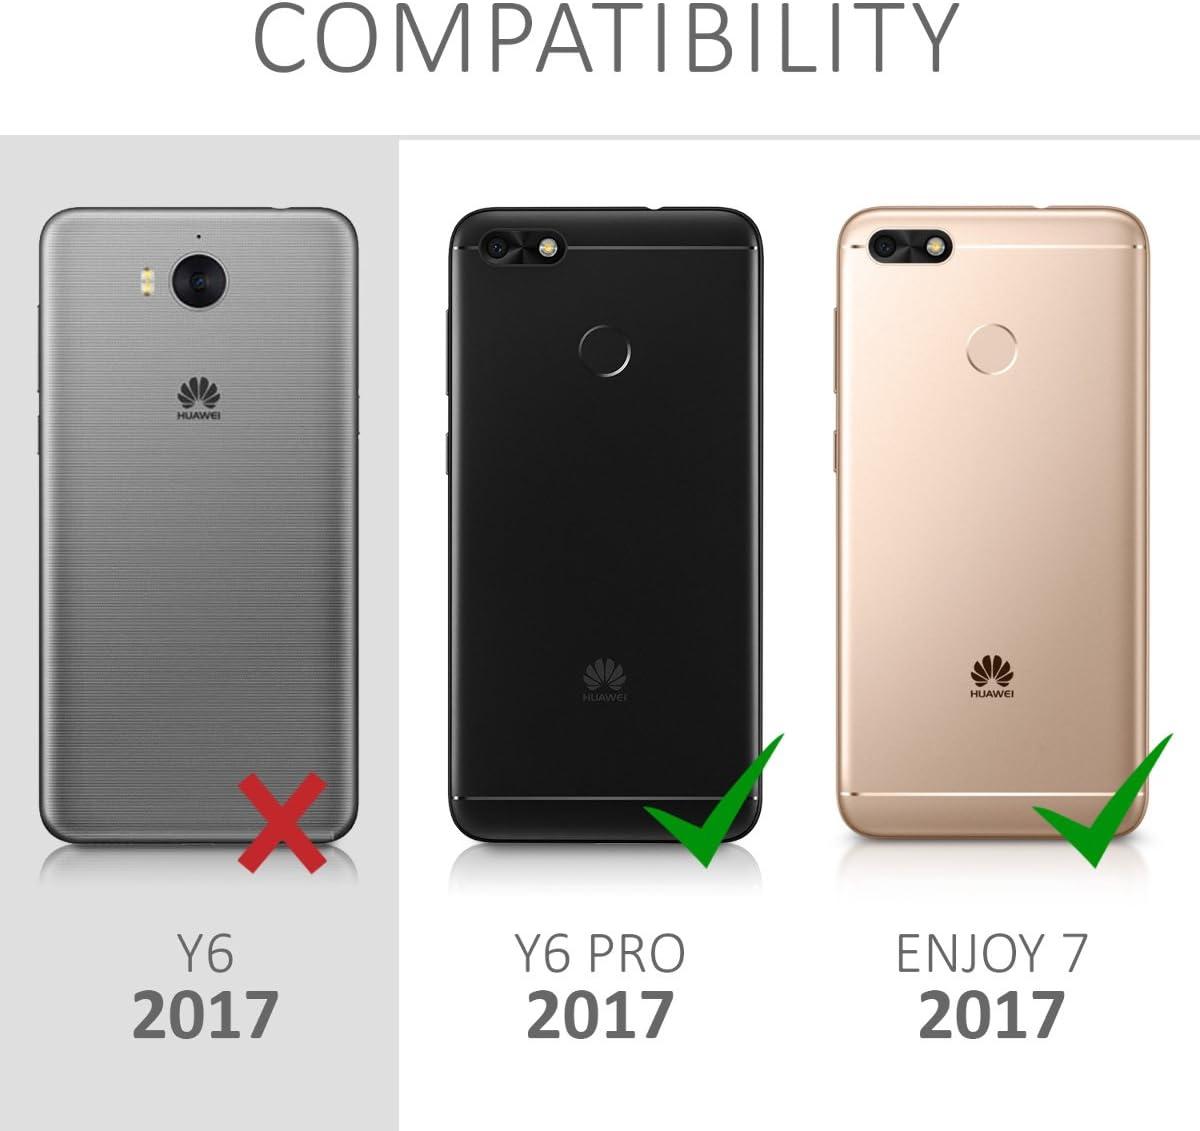 2017 2017 // Enjoy 7 Portefeuille /Étui /à Rabat Simili Cuir pour Huawei Y6 Pro // Enjoy 7 avec Compartiment Cartes Support kwmobile Coque Huawei Y6 Pro